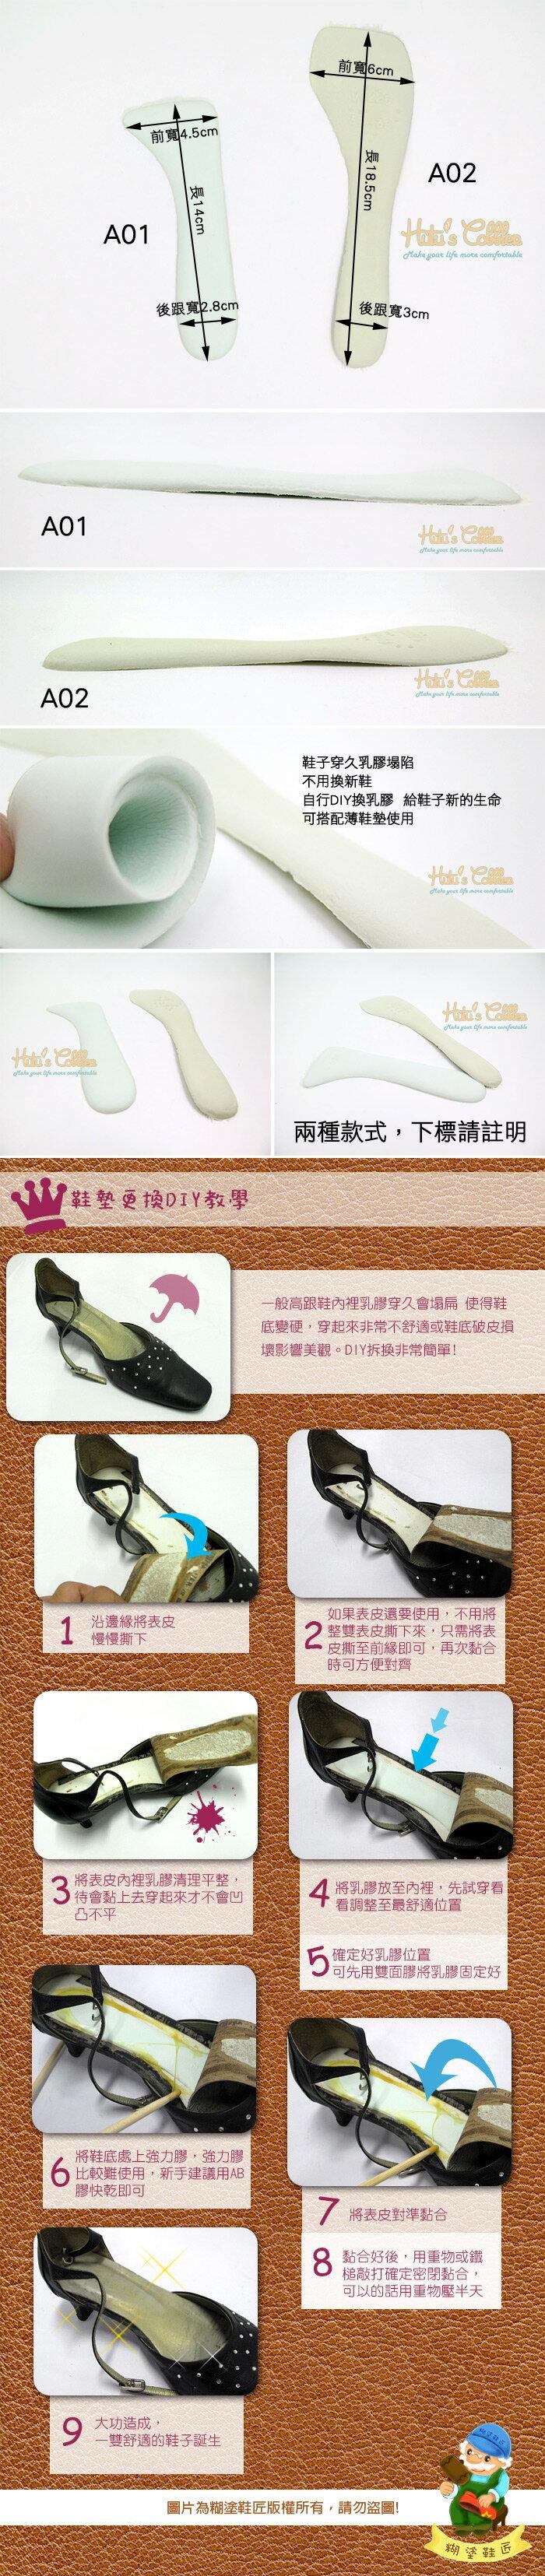 ○糊塗鞋匠○ 優質鞋材 C61 台灣製造 高跟乳膠替換鞋墊 DIY鞋墊 不用買新鞋 1